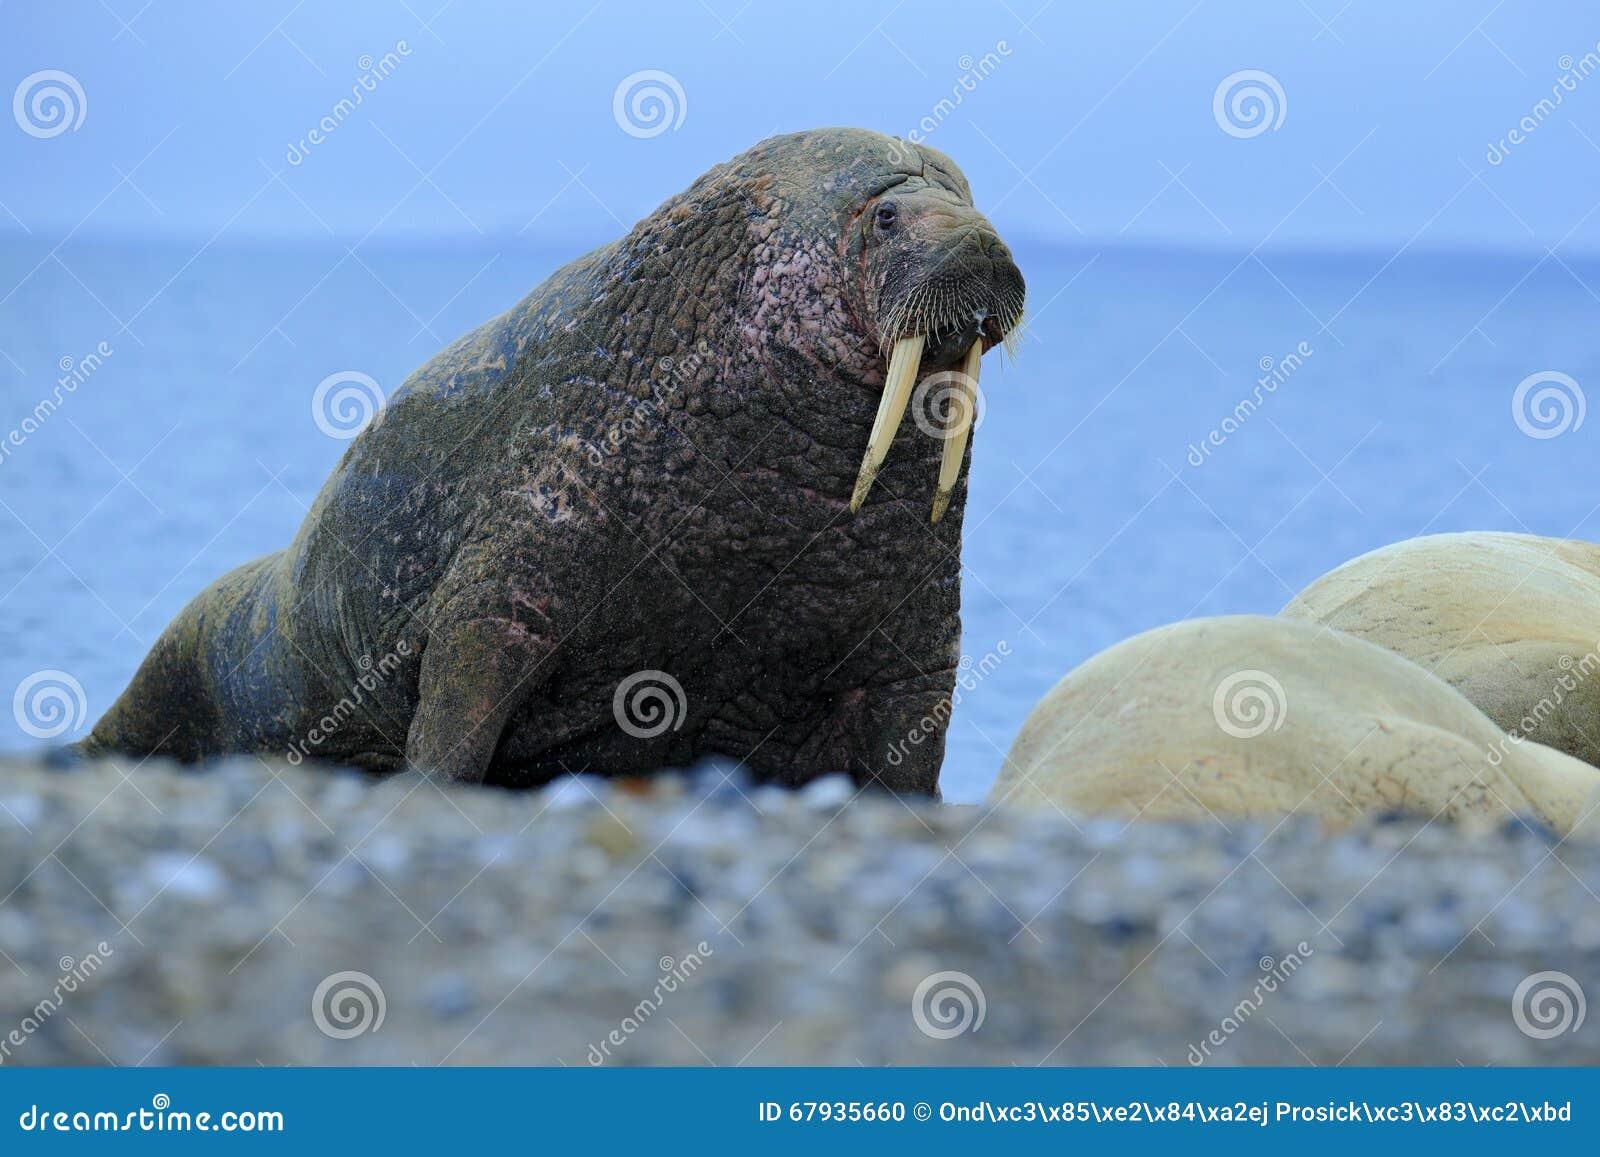 De walrus, Odobenus-rosmarus, stok uit van blauw water op kiezelsteenstrand, Svalbard, Noorwegen